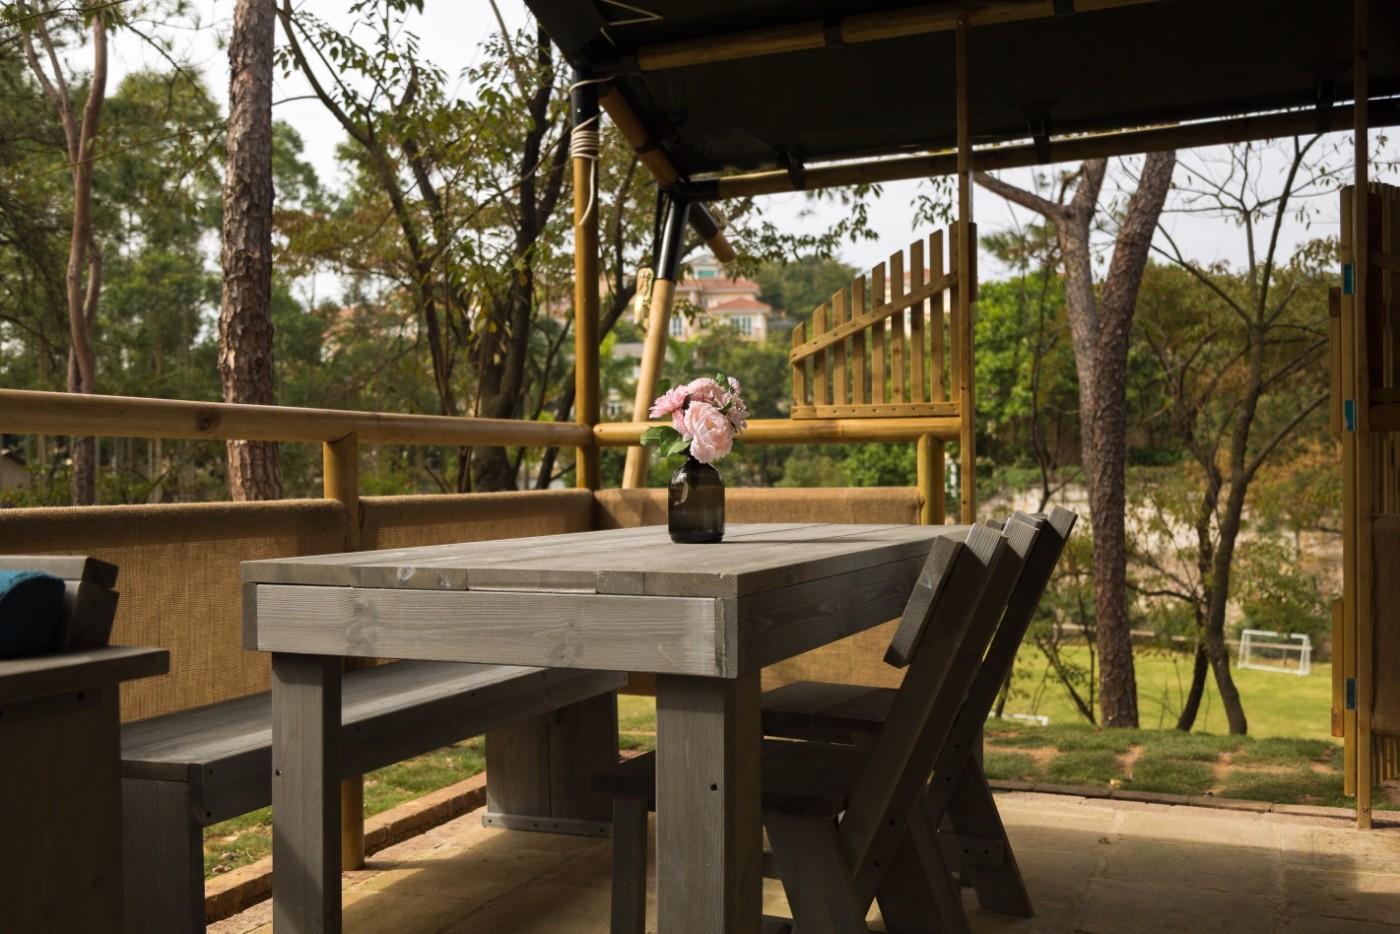 喜马拉雅野奢帐篷酒店—广州北迹露营平地帐篷酒店16